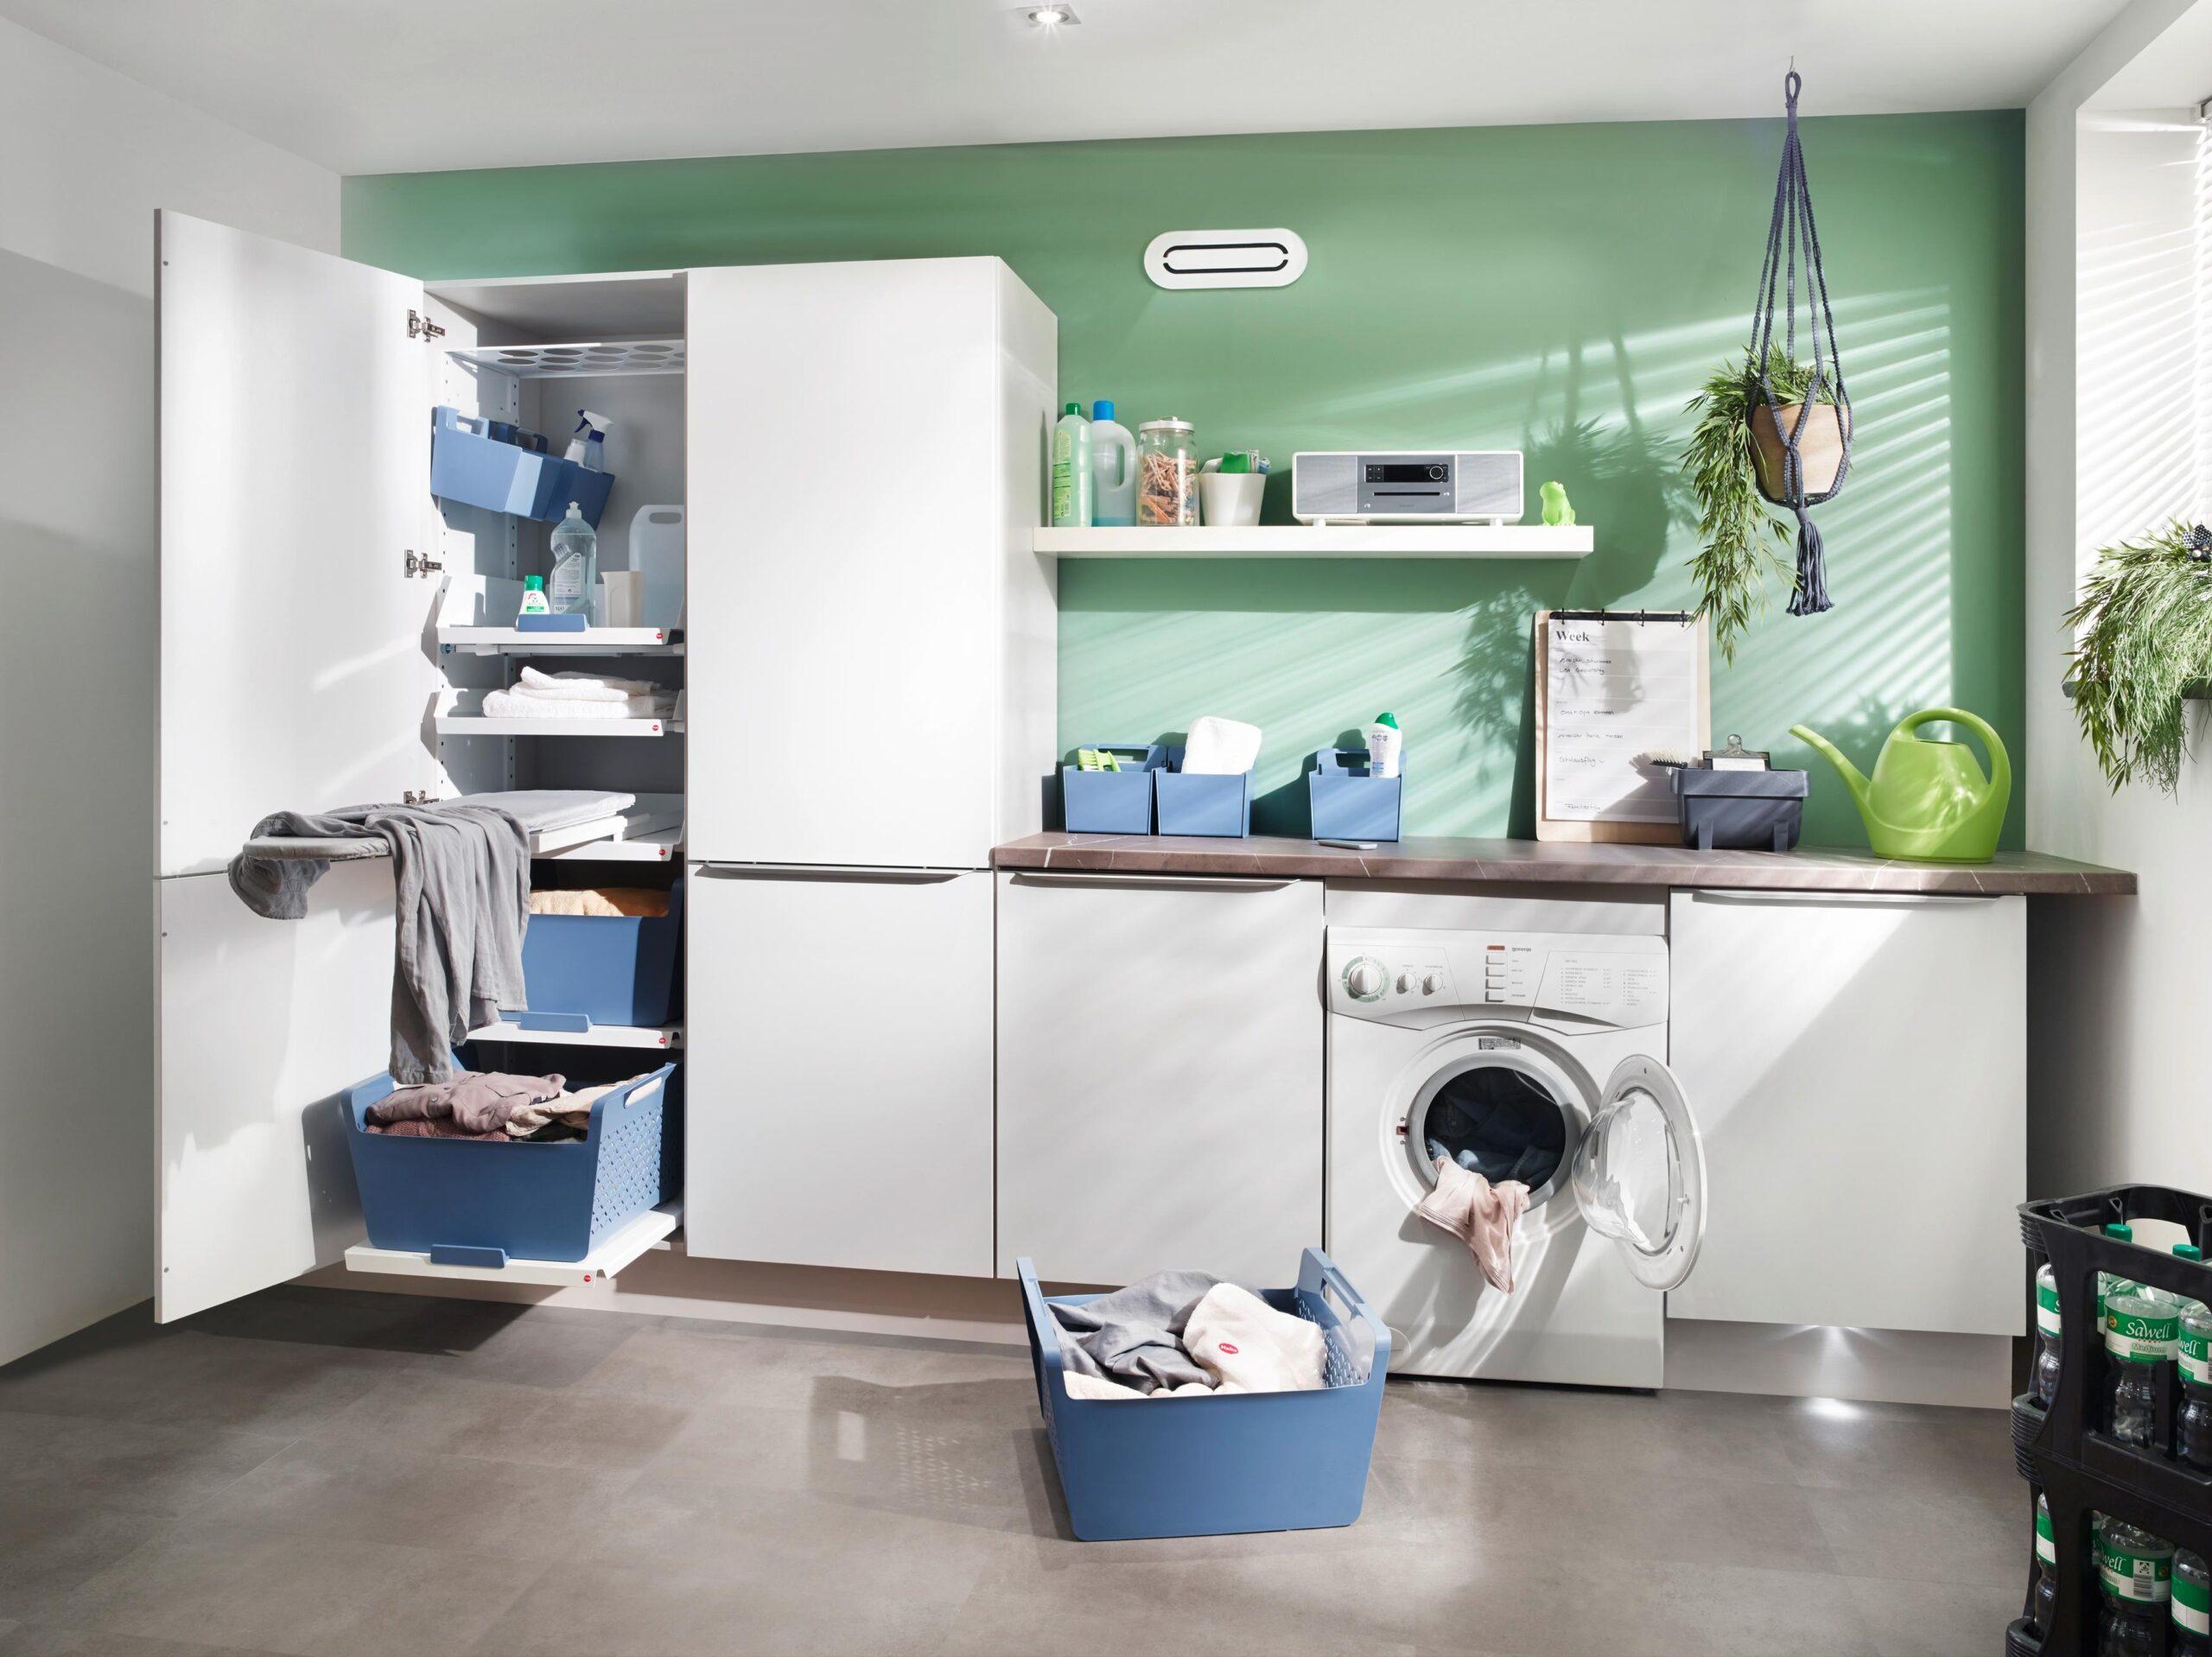 Full Size of Ikea Hauswirtschaftsraum Planen Stauraum Effektiv Gestalten Küche Kostenlos Sofa Mit Schlaffunktion Betten 160x200 Kosten Kleines Bad Modulküche Kaufen Wohnzimmer Ikea Hauswirtschaftsraum Planen